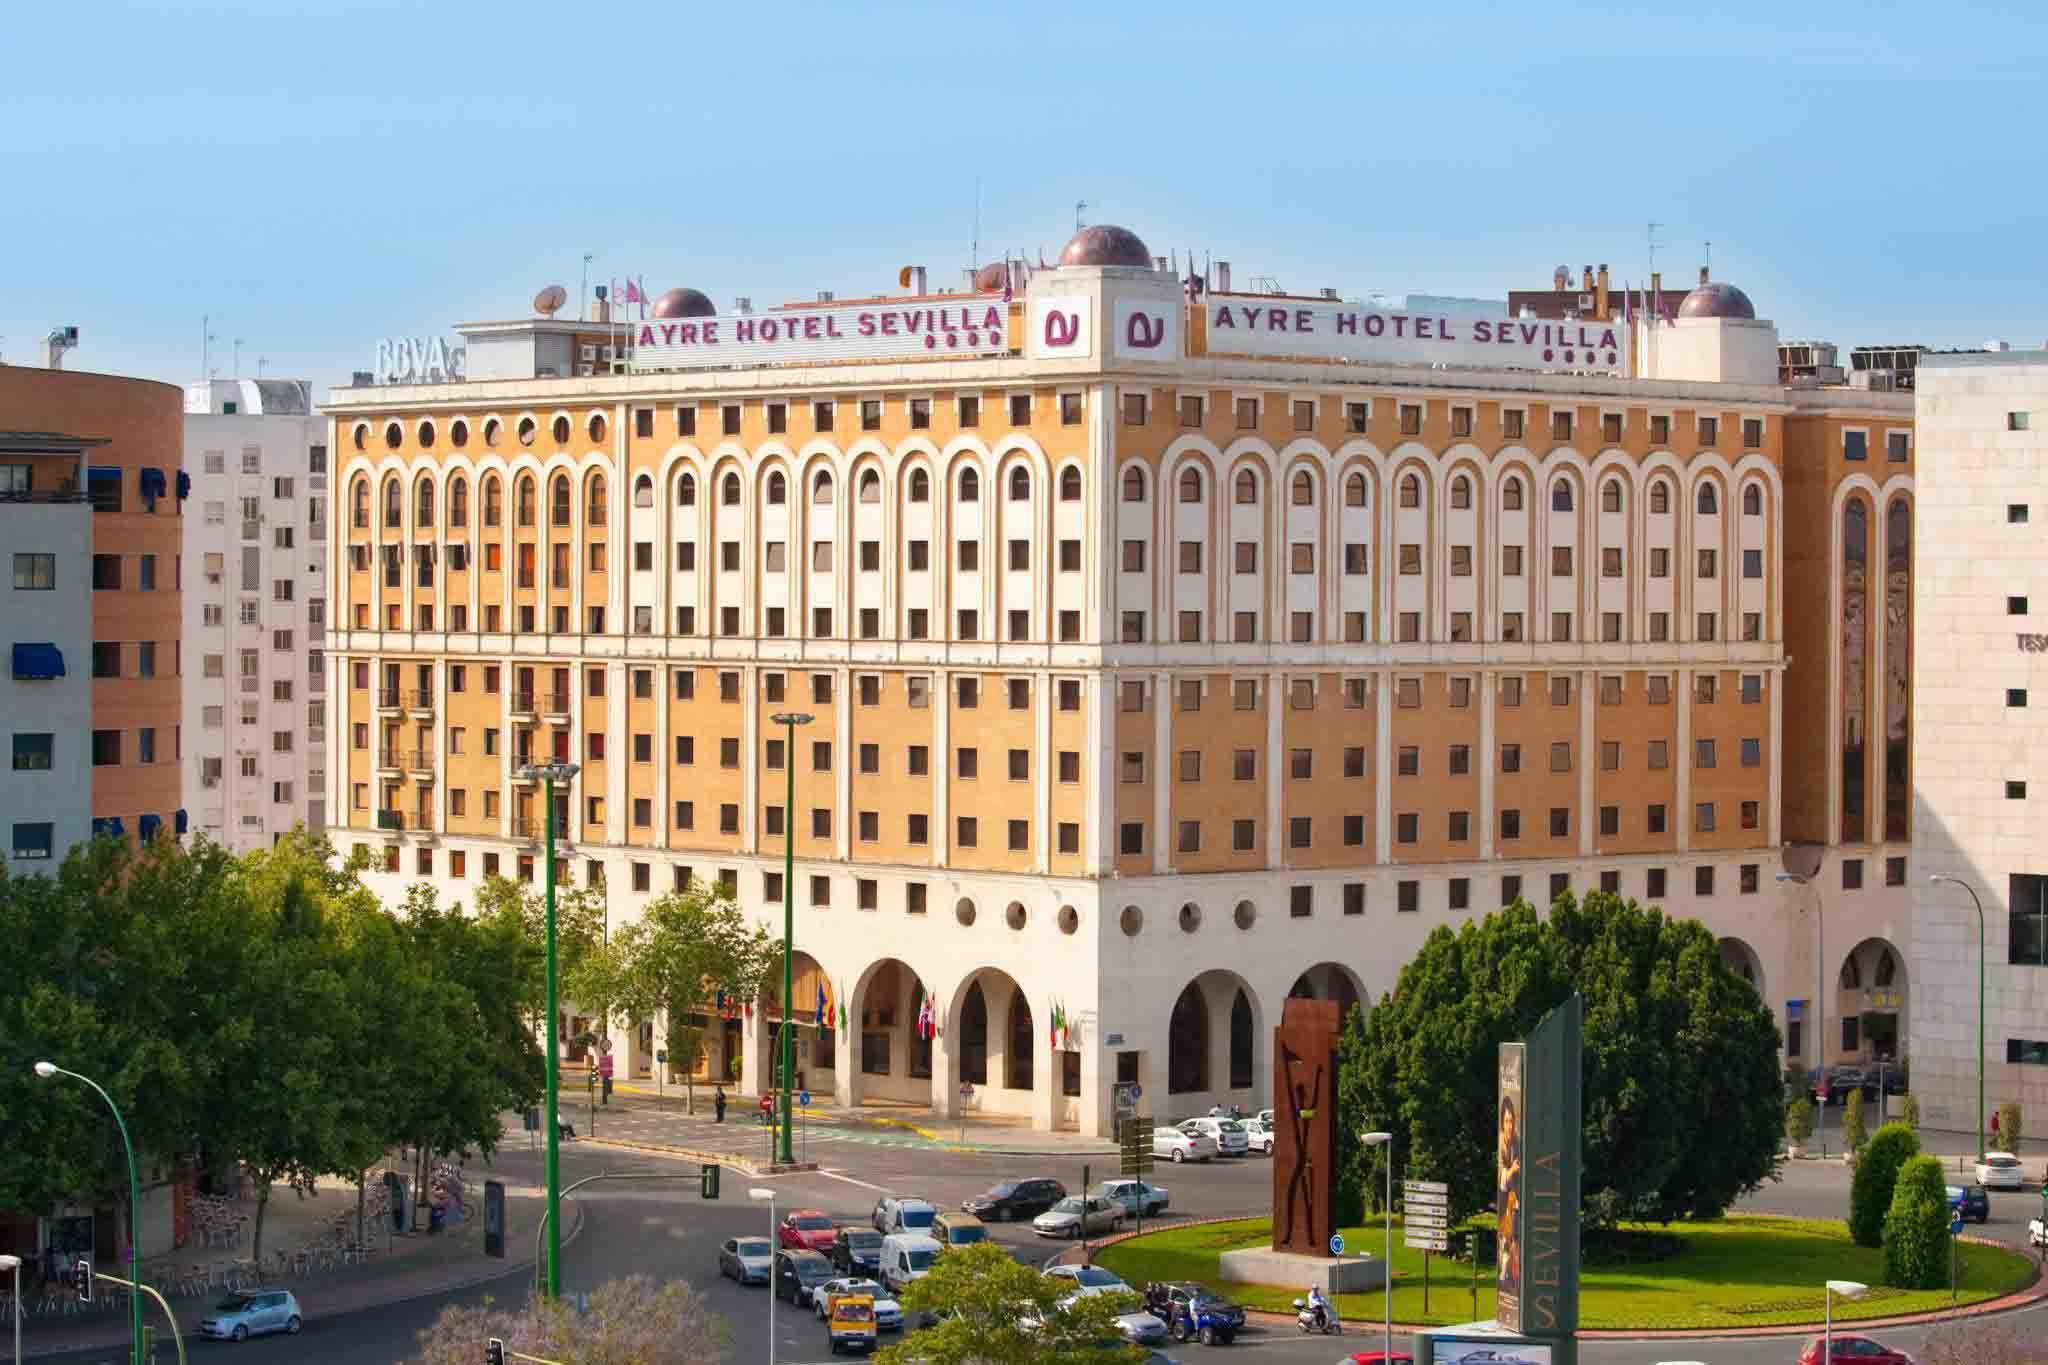 Ayre_Hotel_Sevilla_view